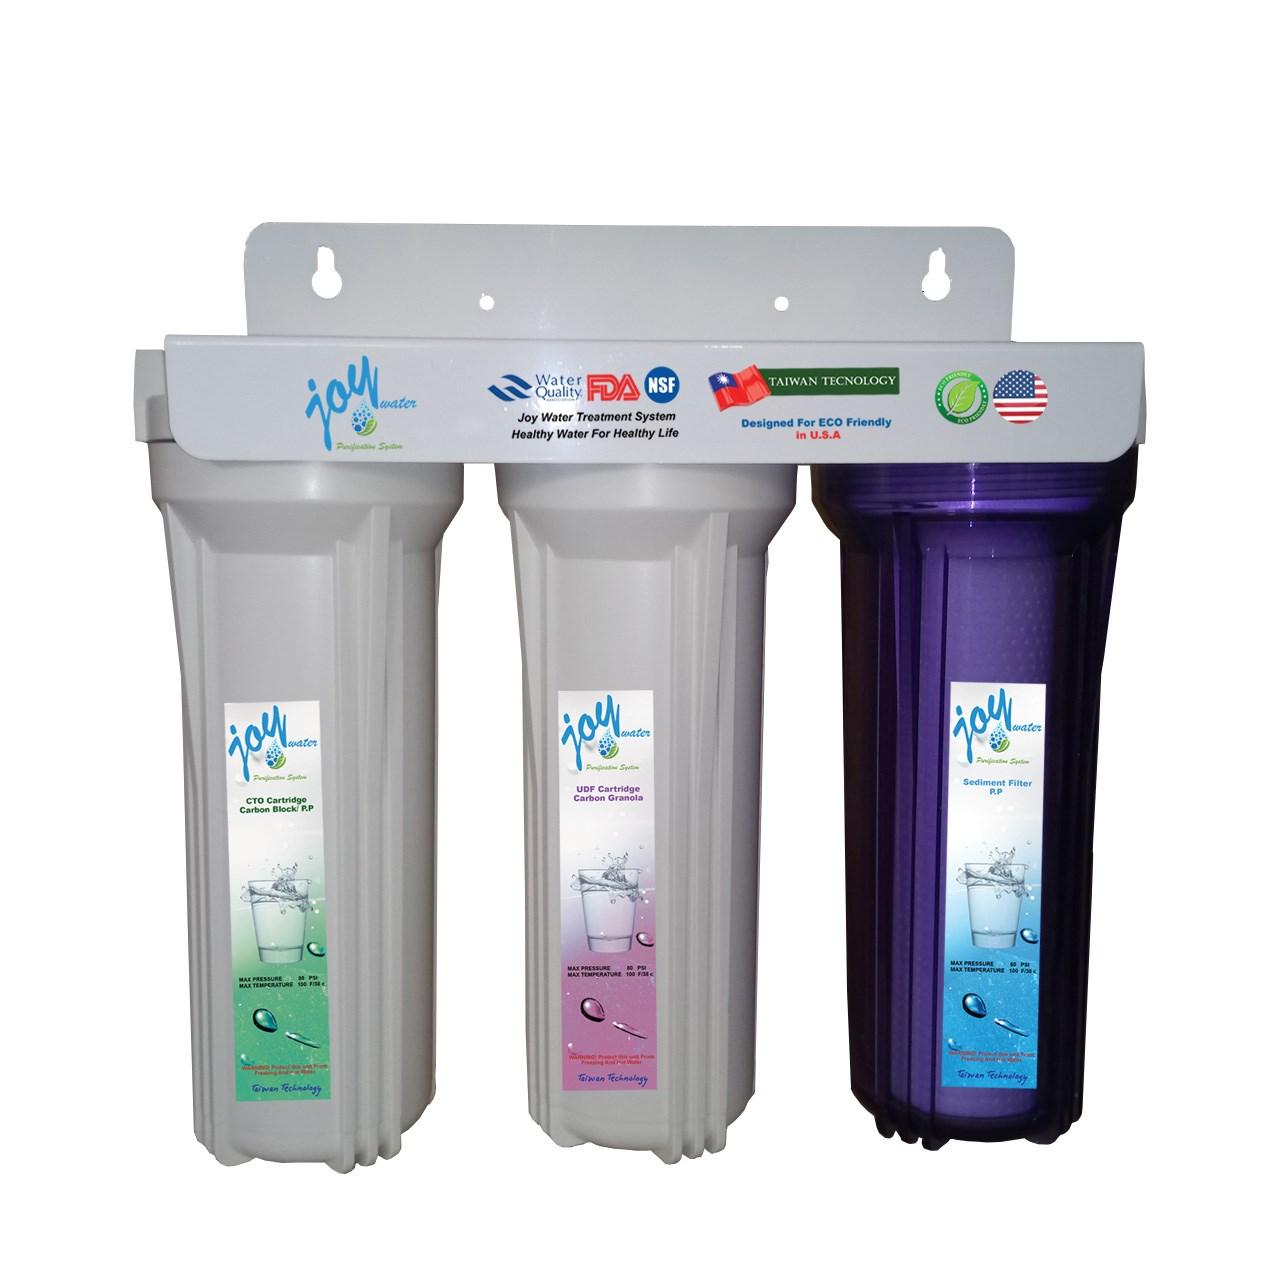 دستگاه تصفیه آب خانگی جوی واتر مدل JW3s